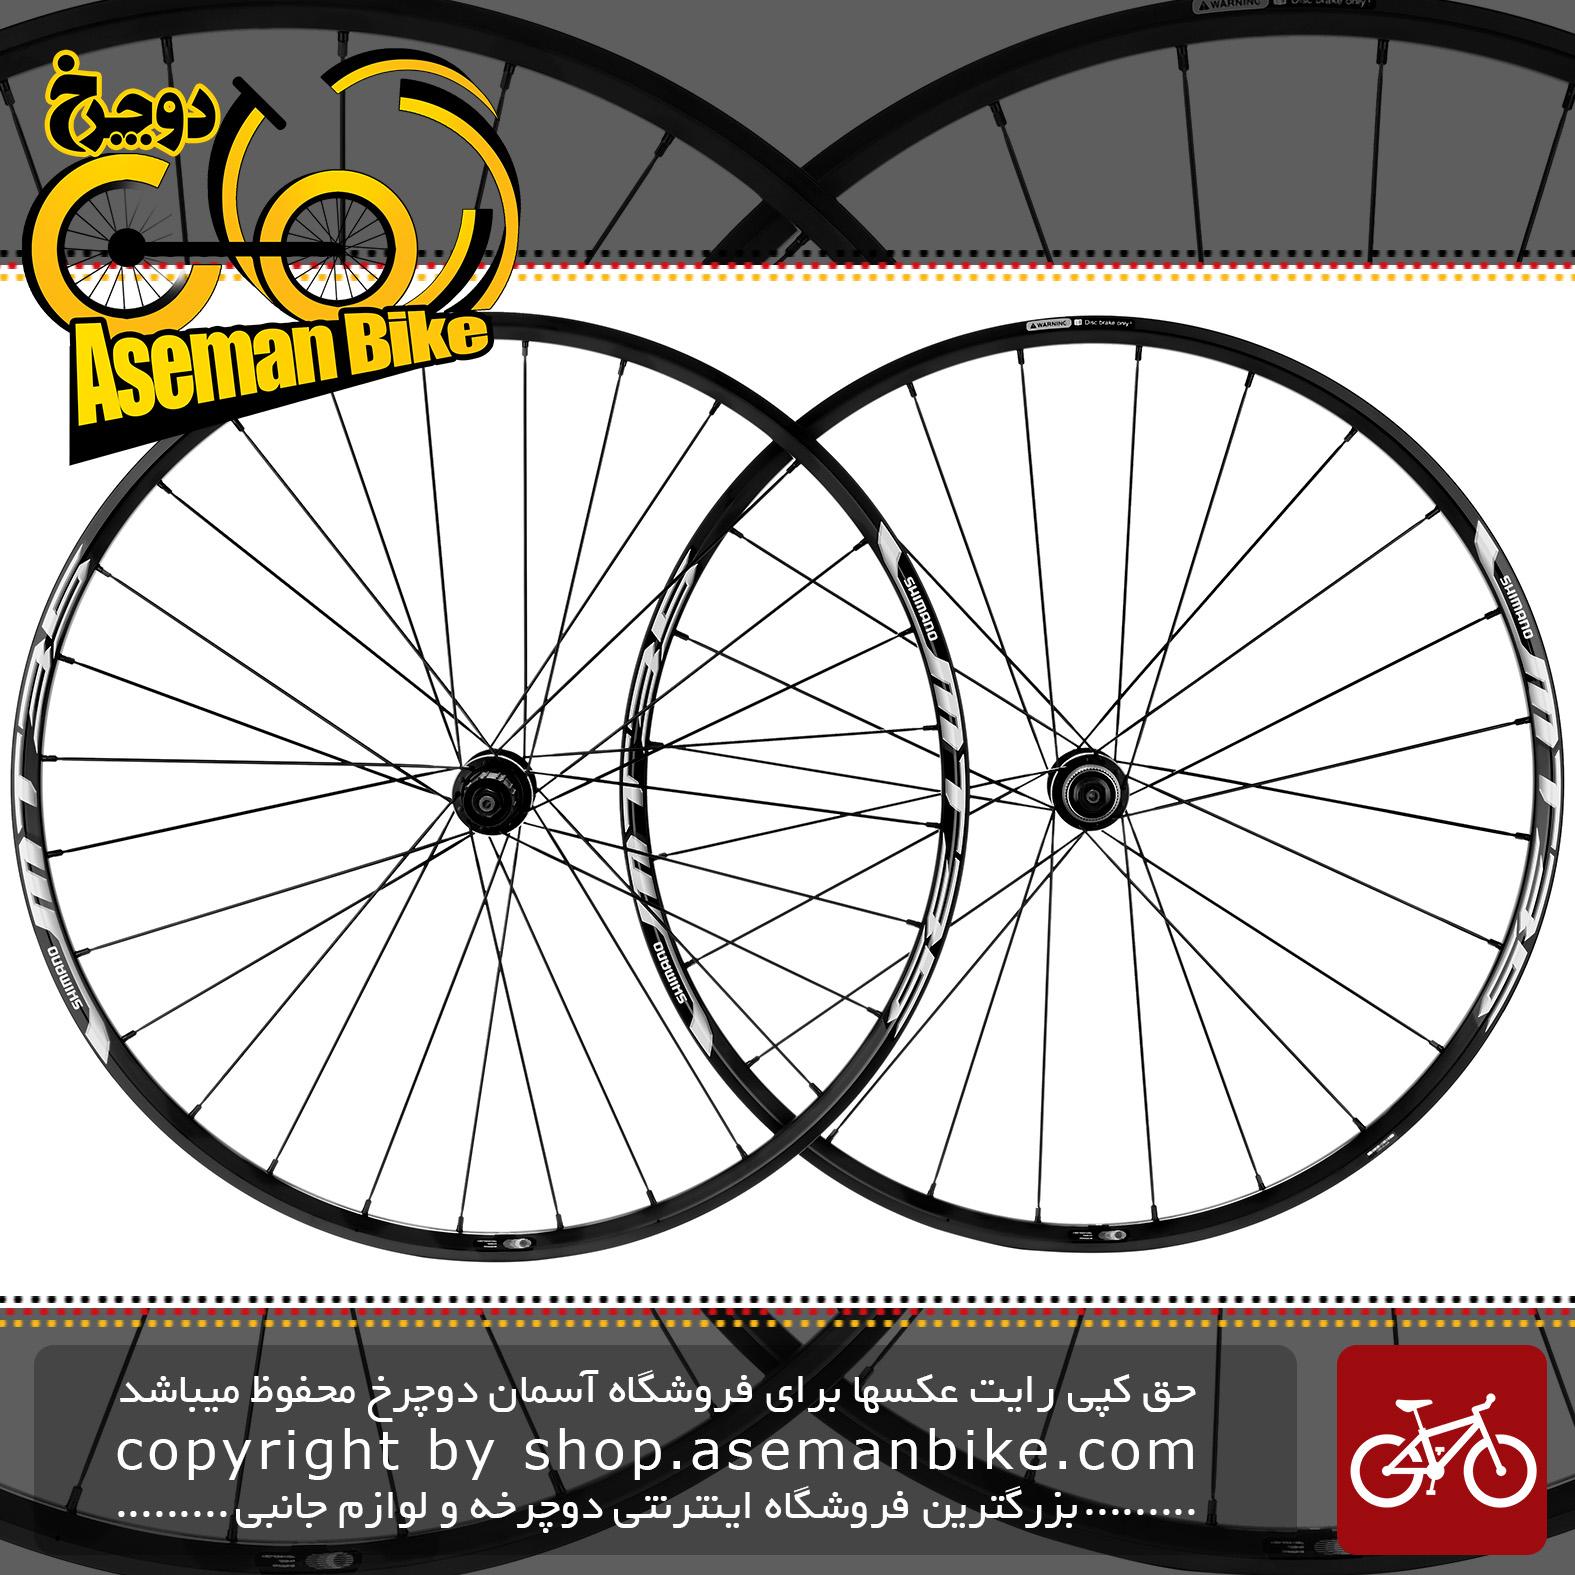 طوقه کامل جلو و عقب دوچرخه شیمانوام تی 35 سایز Shimano Wheelset WH-MT35